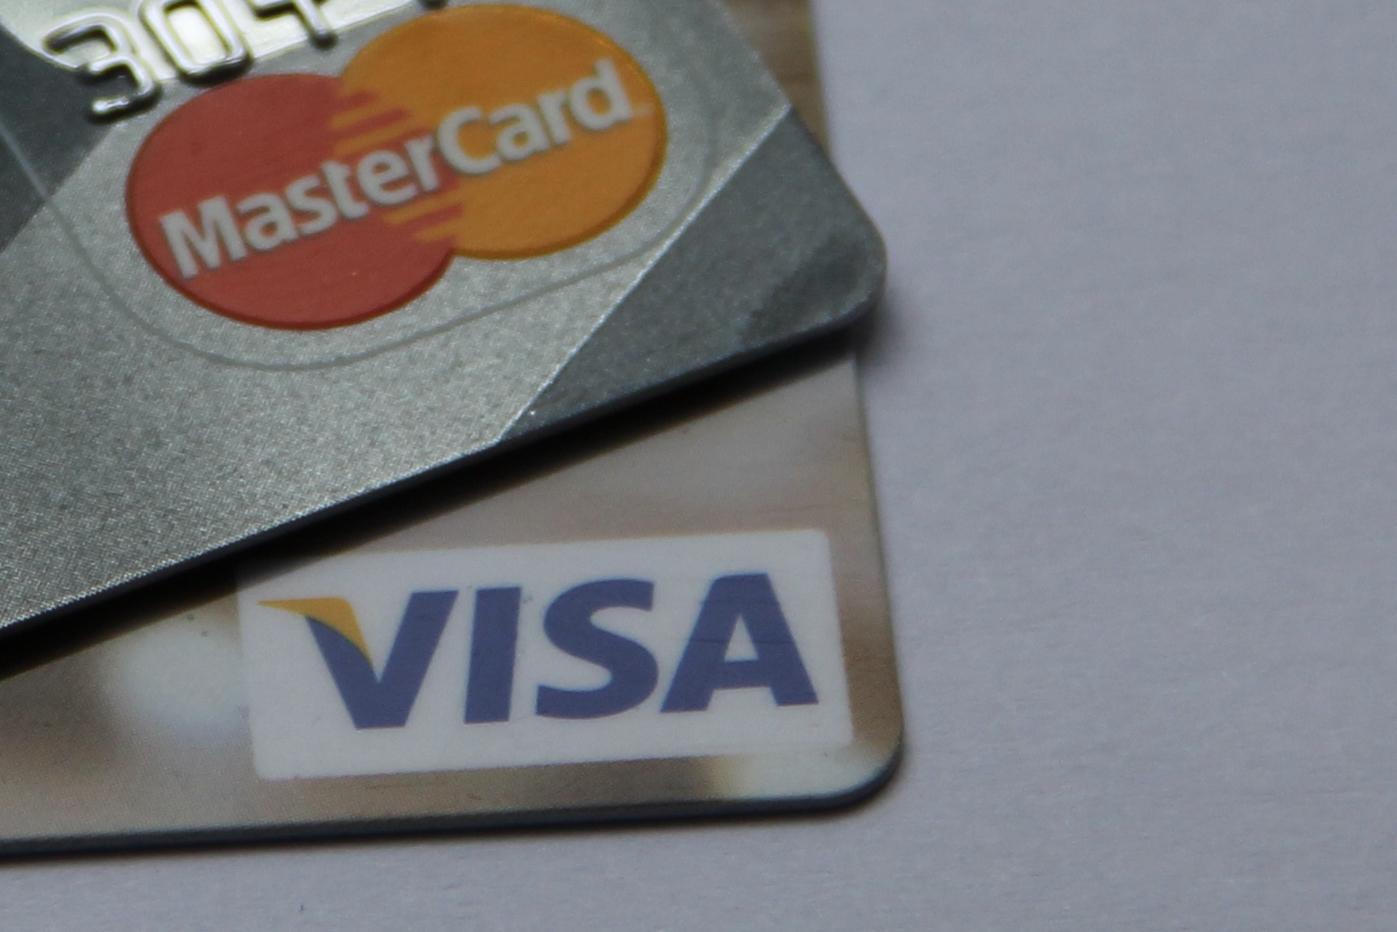 Сведения овкладах клиентов воронежский банкир продавал через Интернет